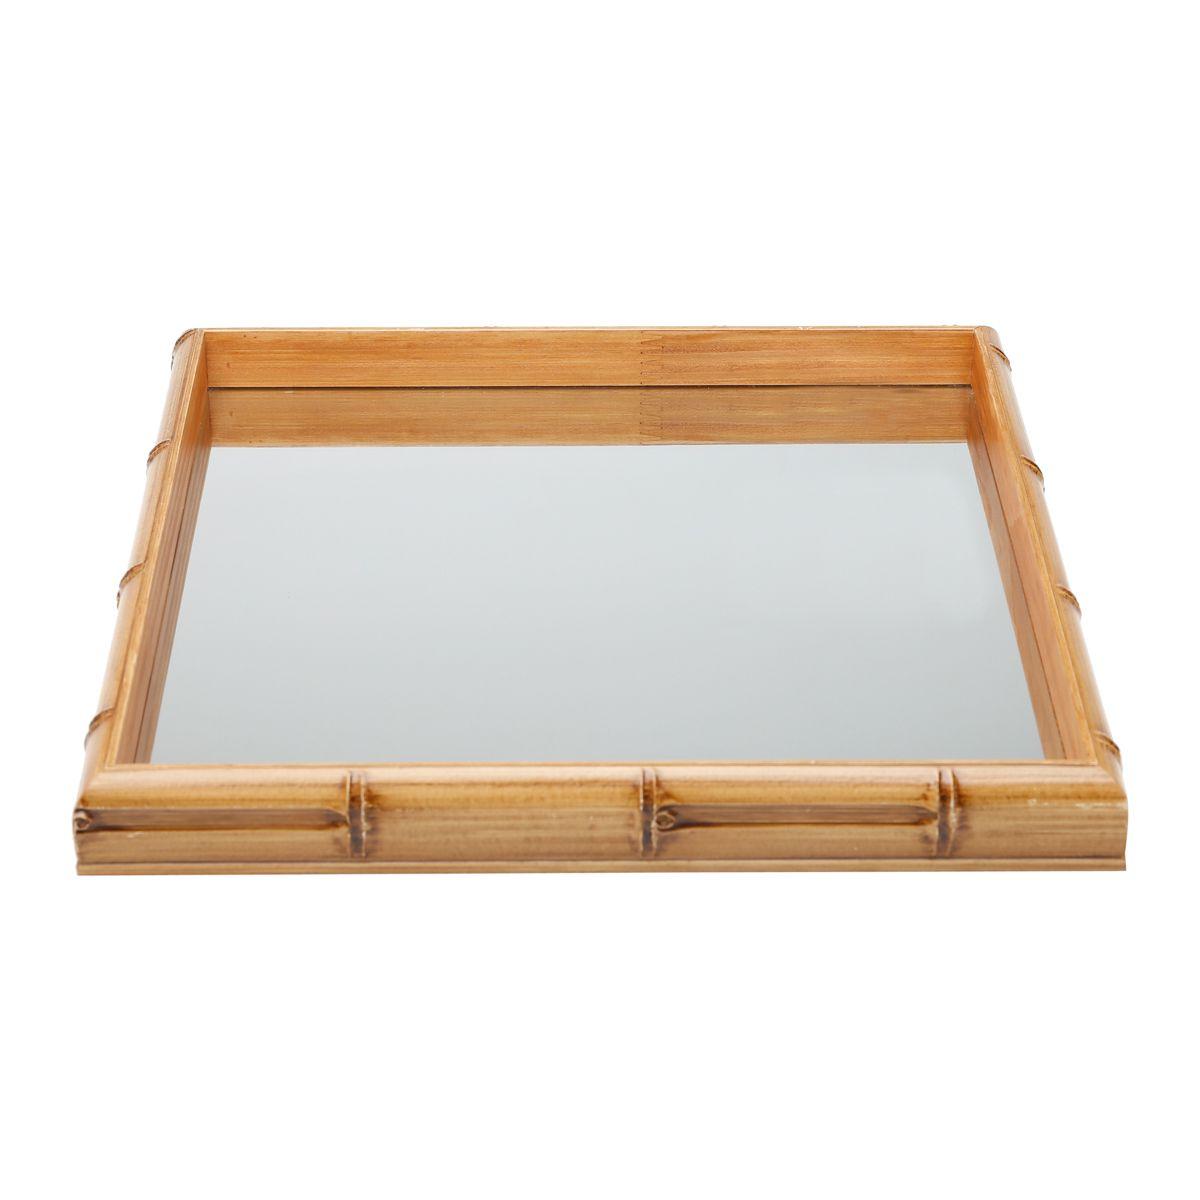 Bandeja de Madeira com Espelho Bambu 36x36x4cm